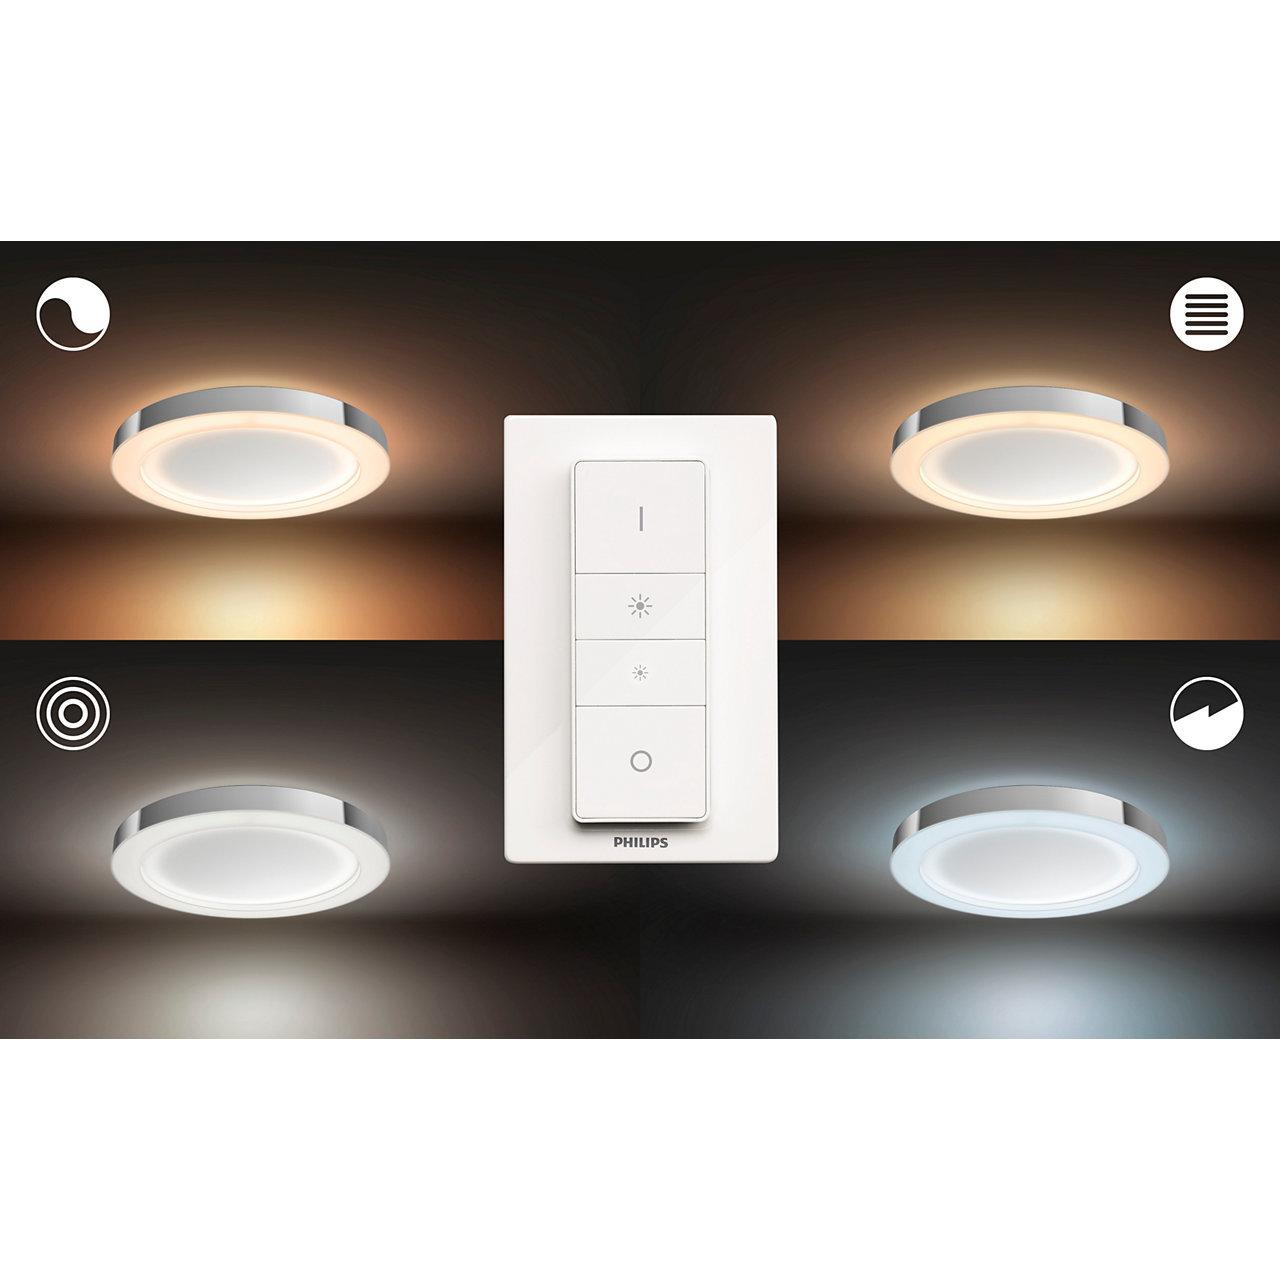 White Ambiance ADORE Applique miroir salle de bain 40W - Blanc (télécommande incluse)